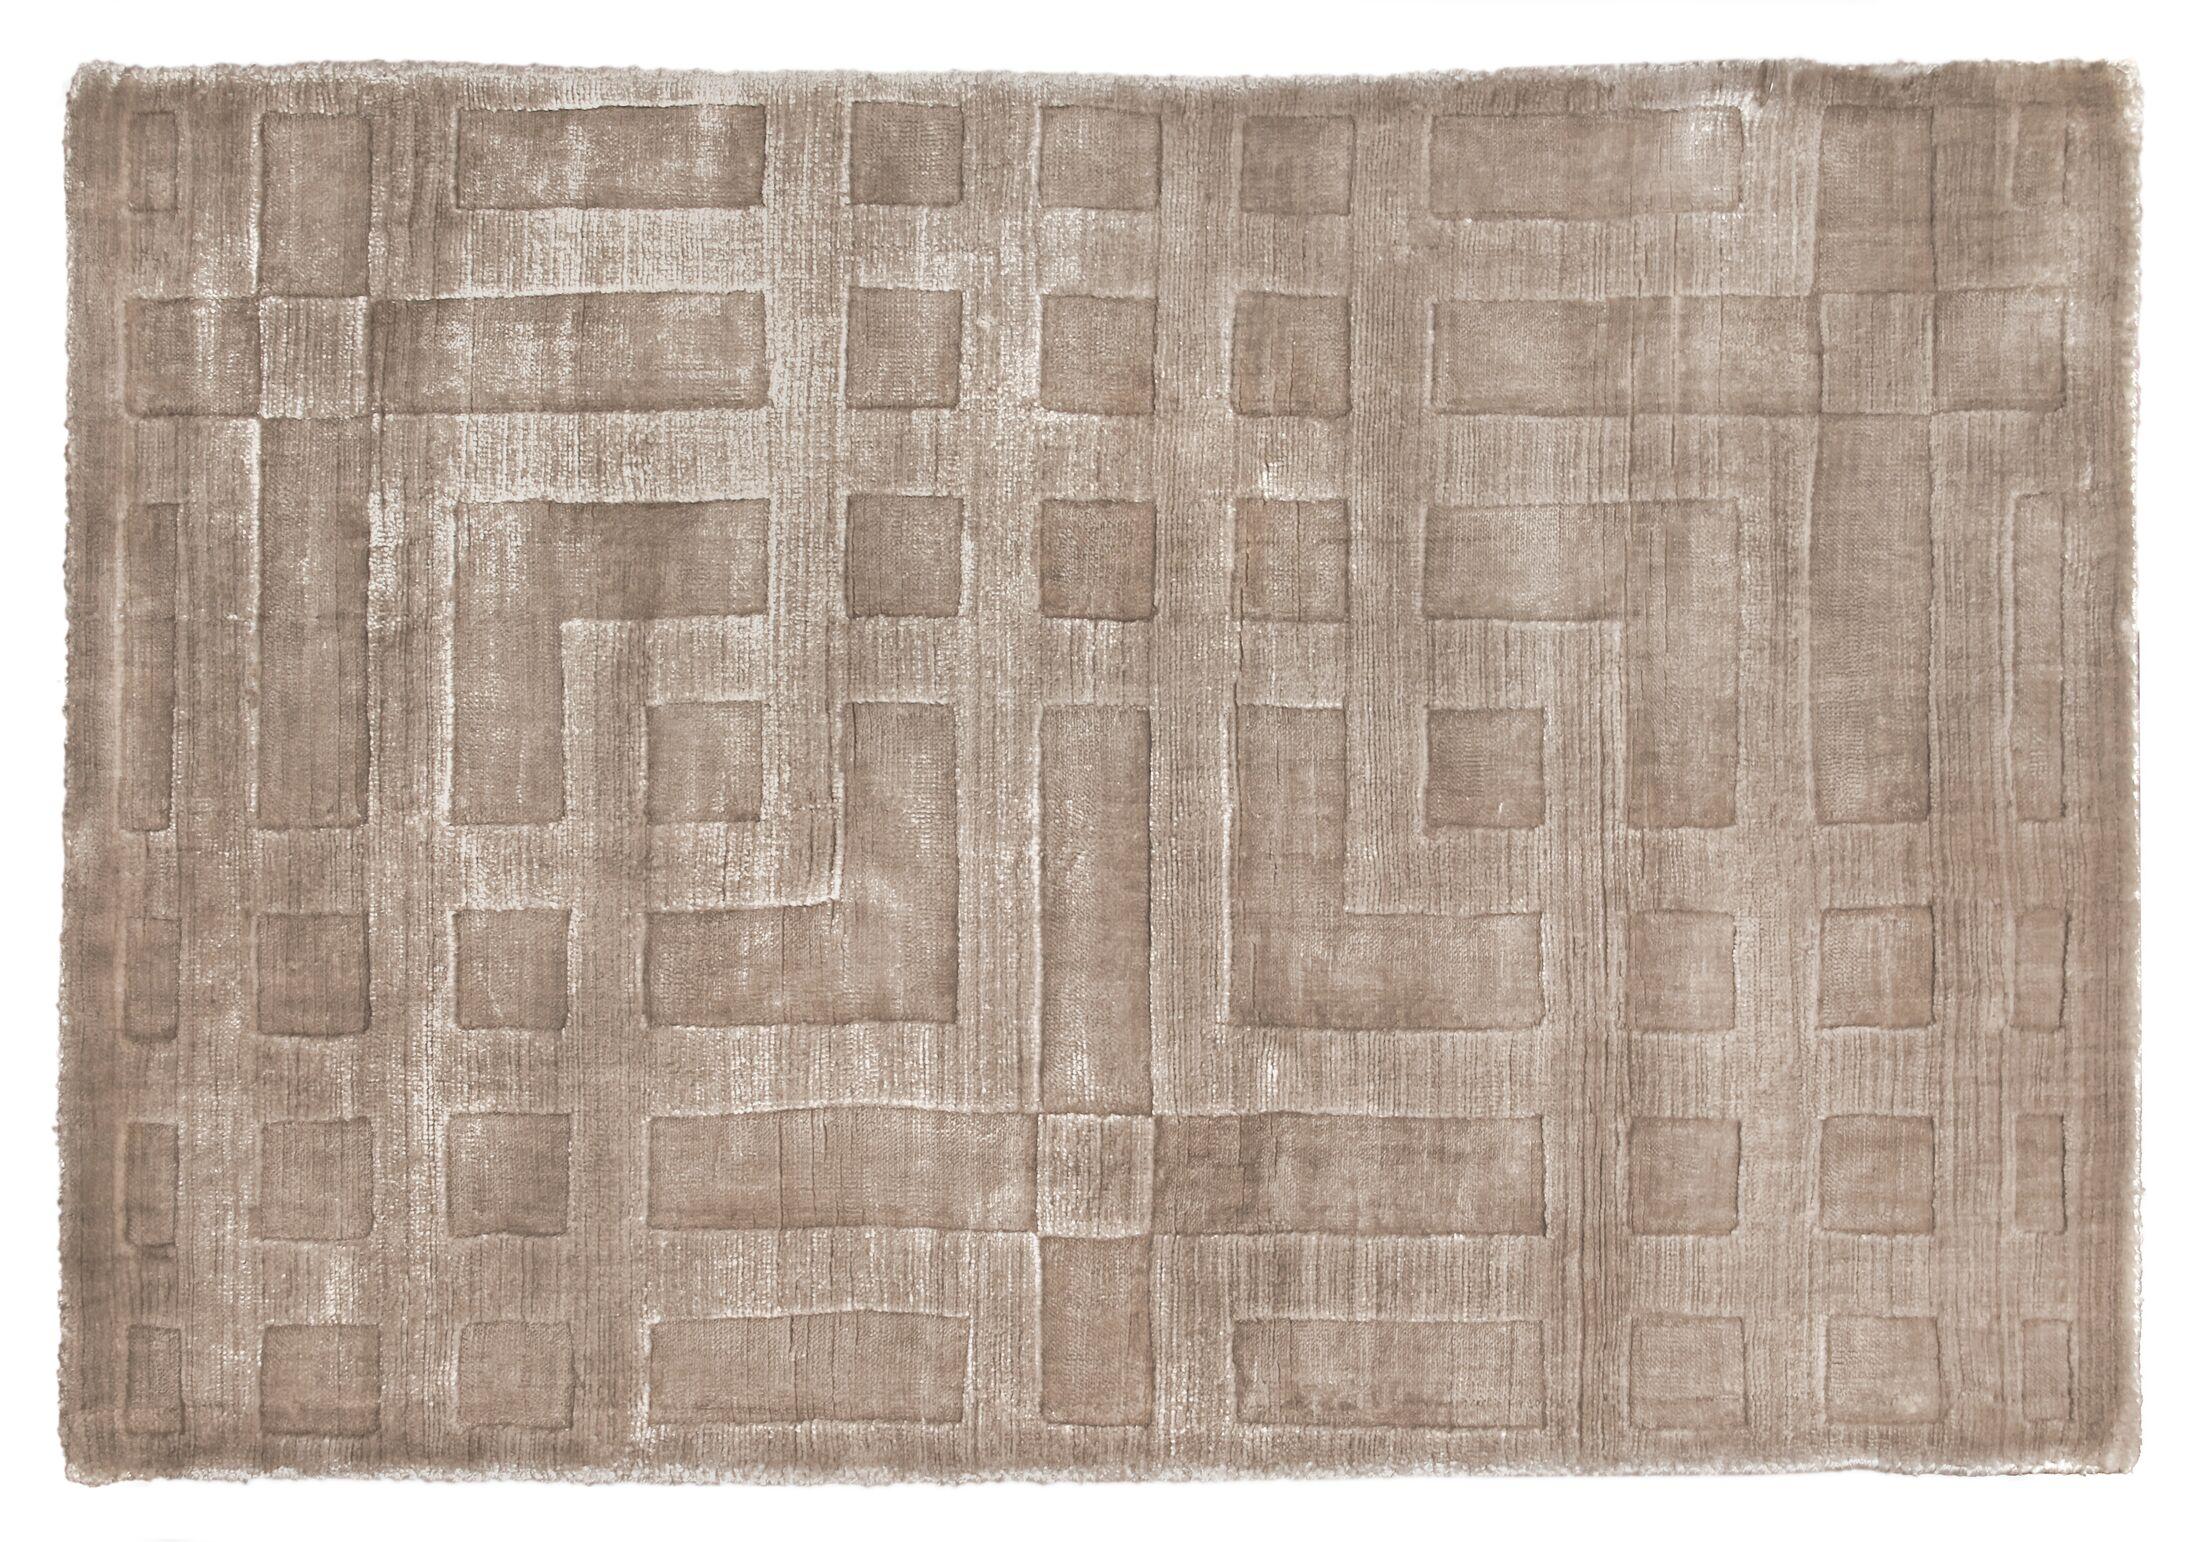 Hazel Hand-Woven Beige Area Rug Rug Size: Rectangle 8' x 10'